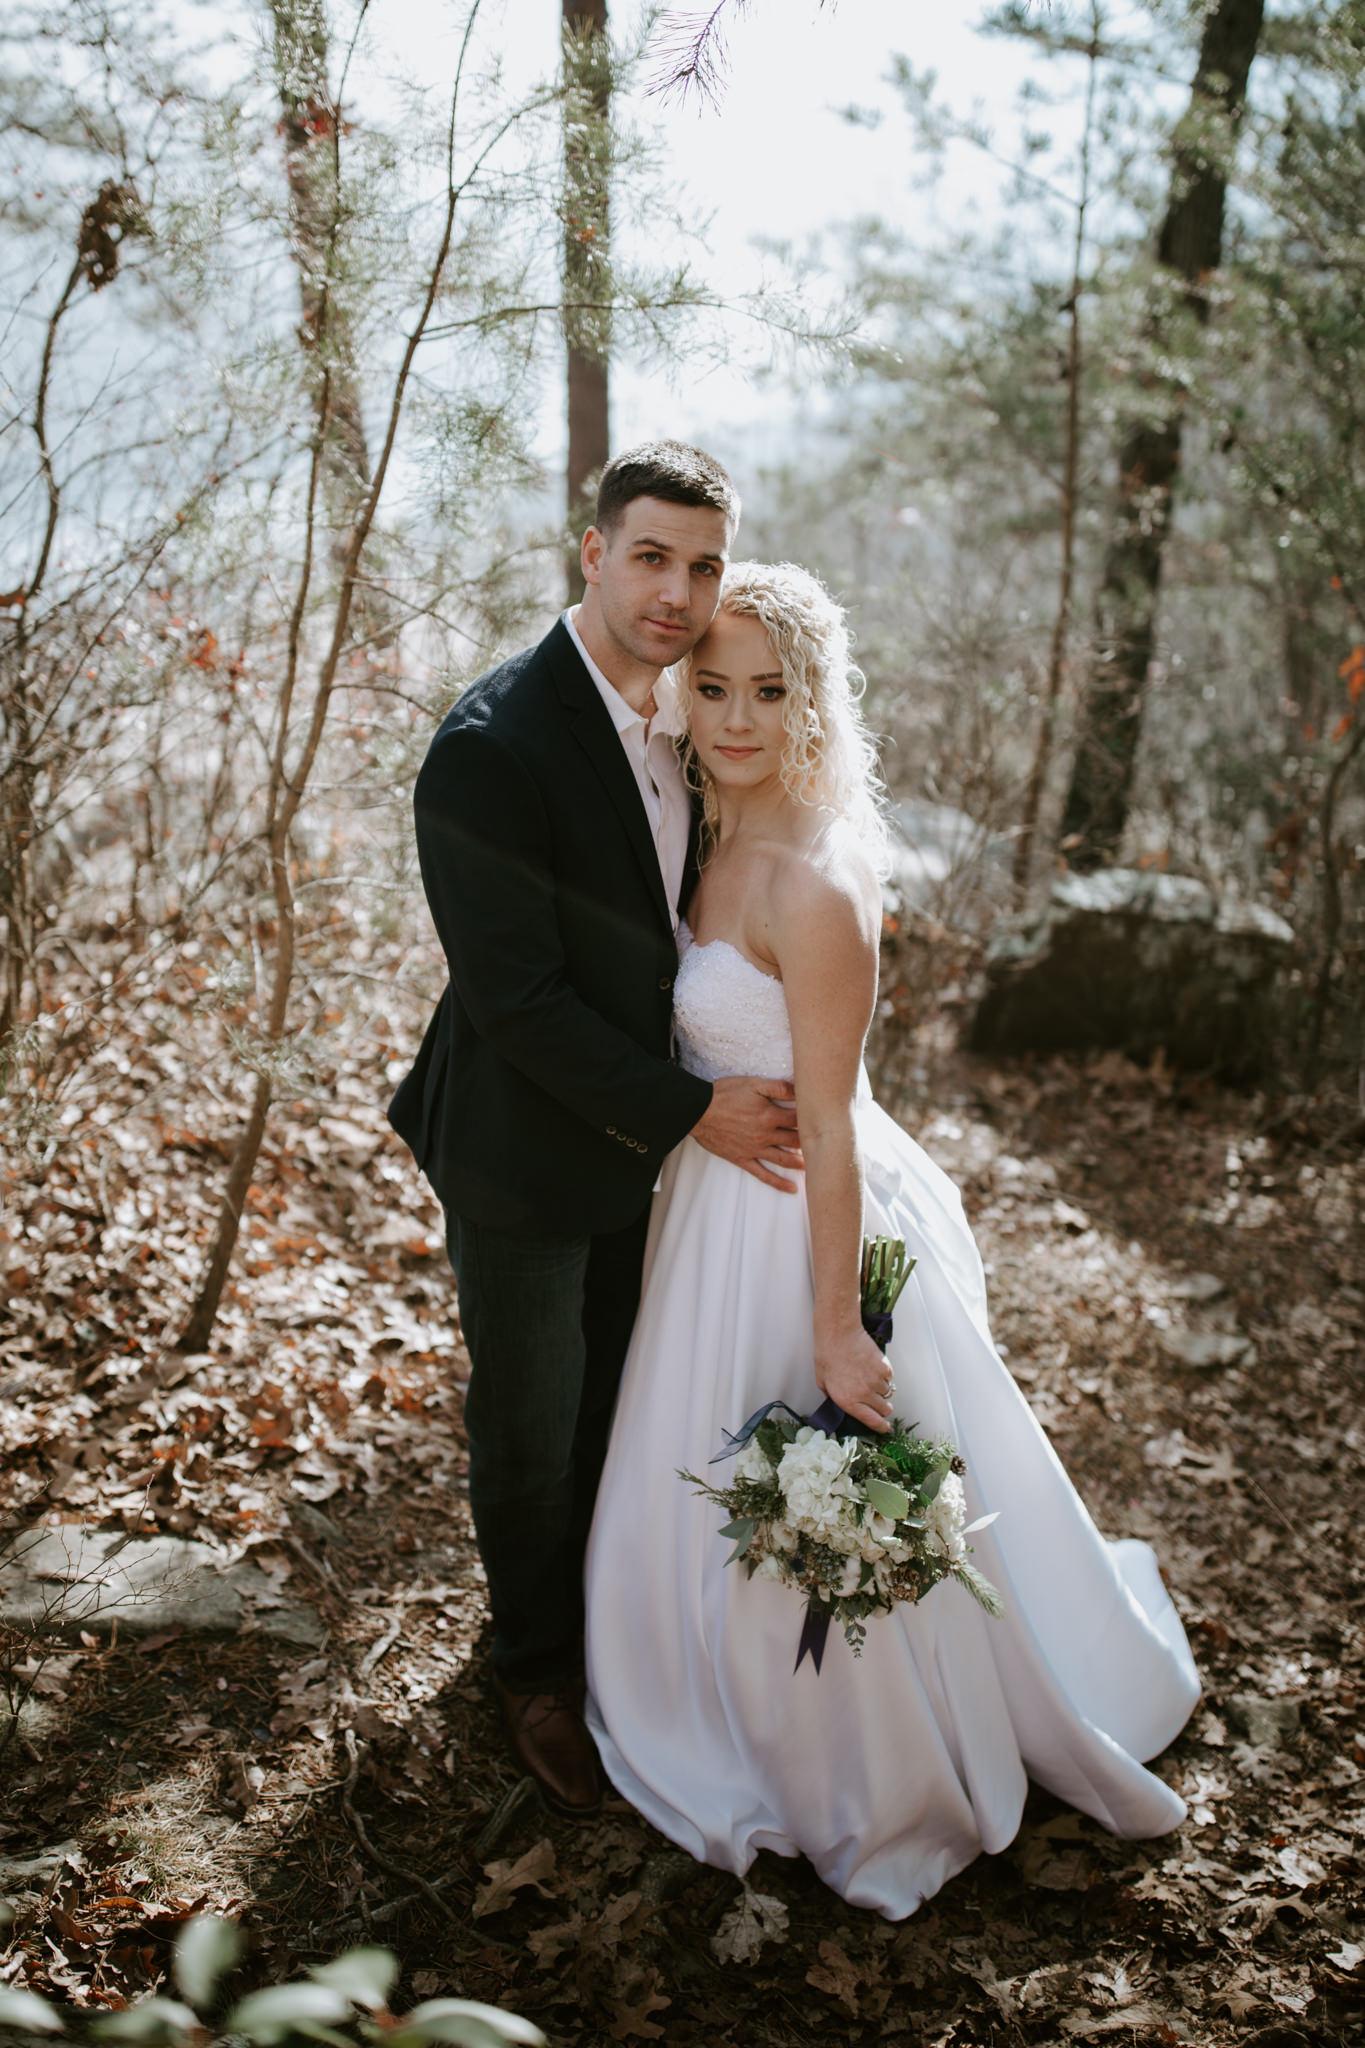 Lauren-and-Trent-Chattanooga-Nashville-Wedding-Elopement-Photographer-15.jpg